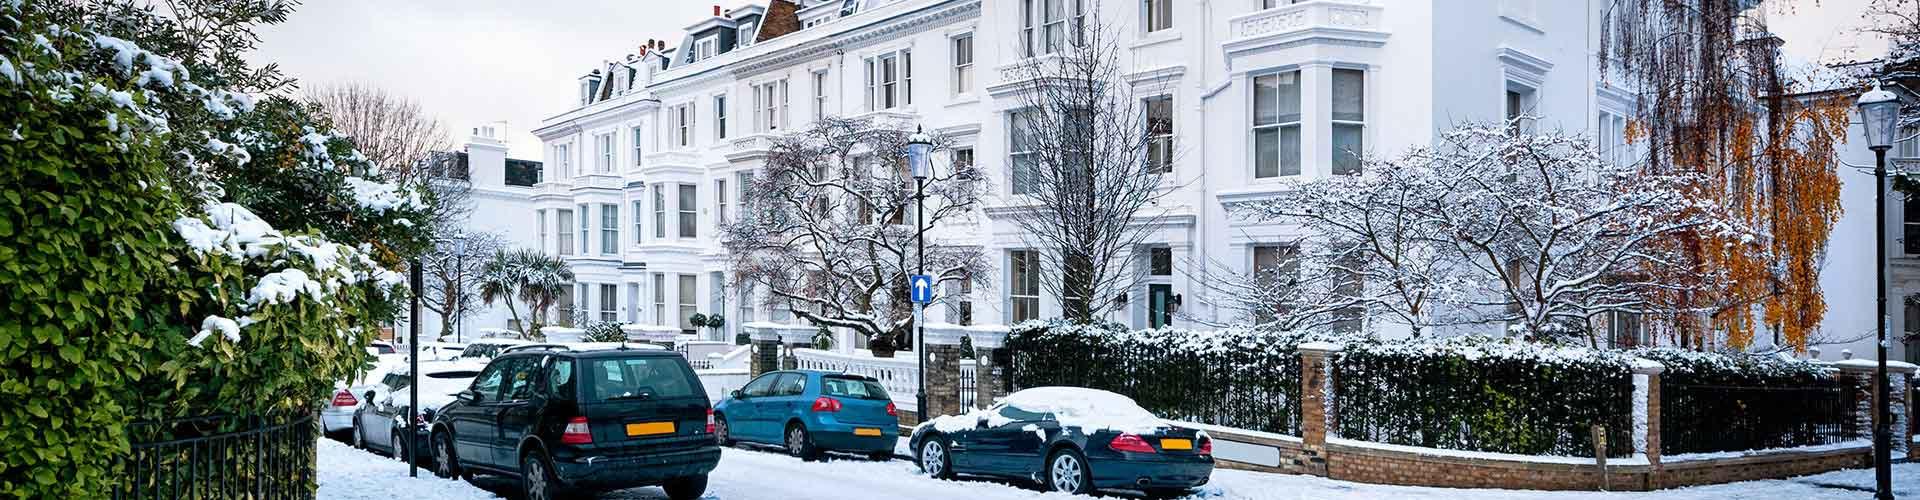 Lontoo – Hostellit kaupungiosassa Borough of Kensington and Chelsea. Lontoo -karttoja, valokuvia ja arvosteluja kaikista Lontoo -hostelleista.